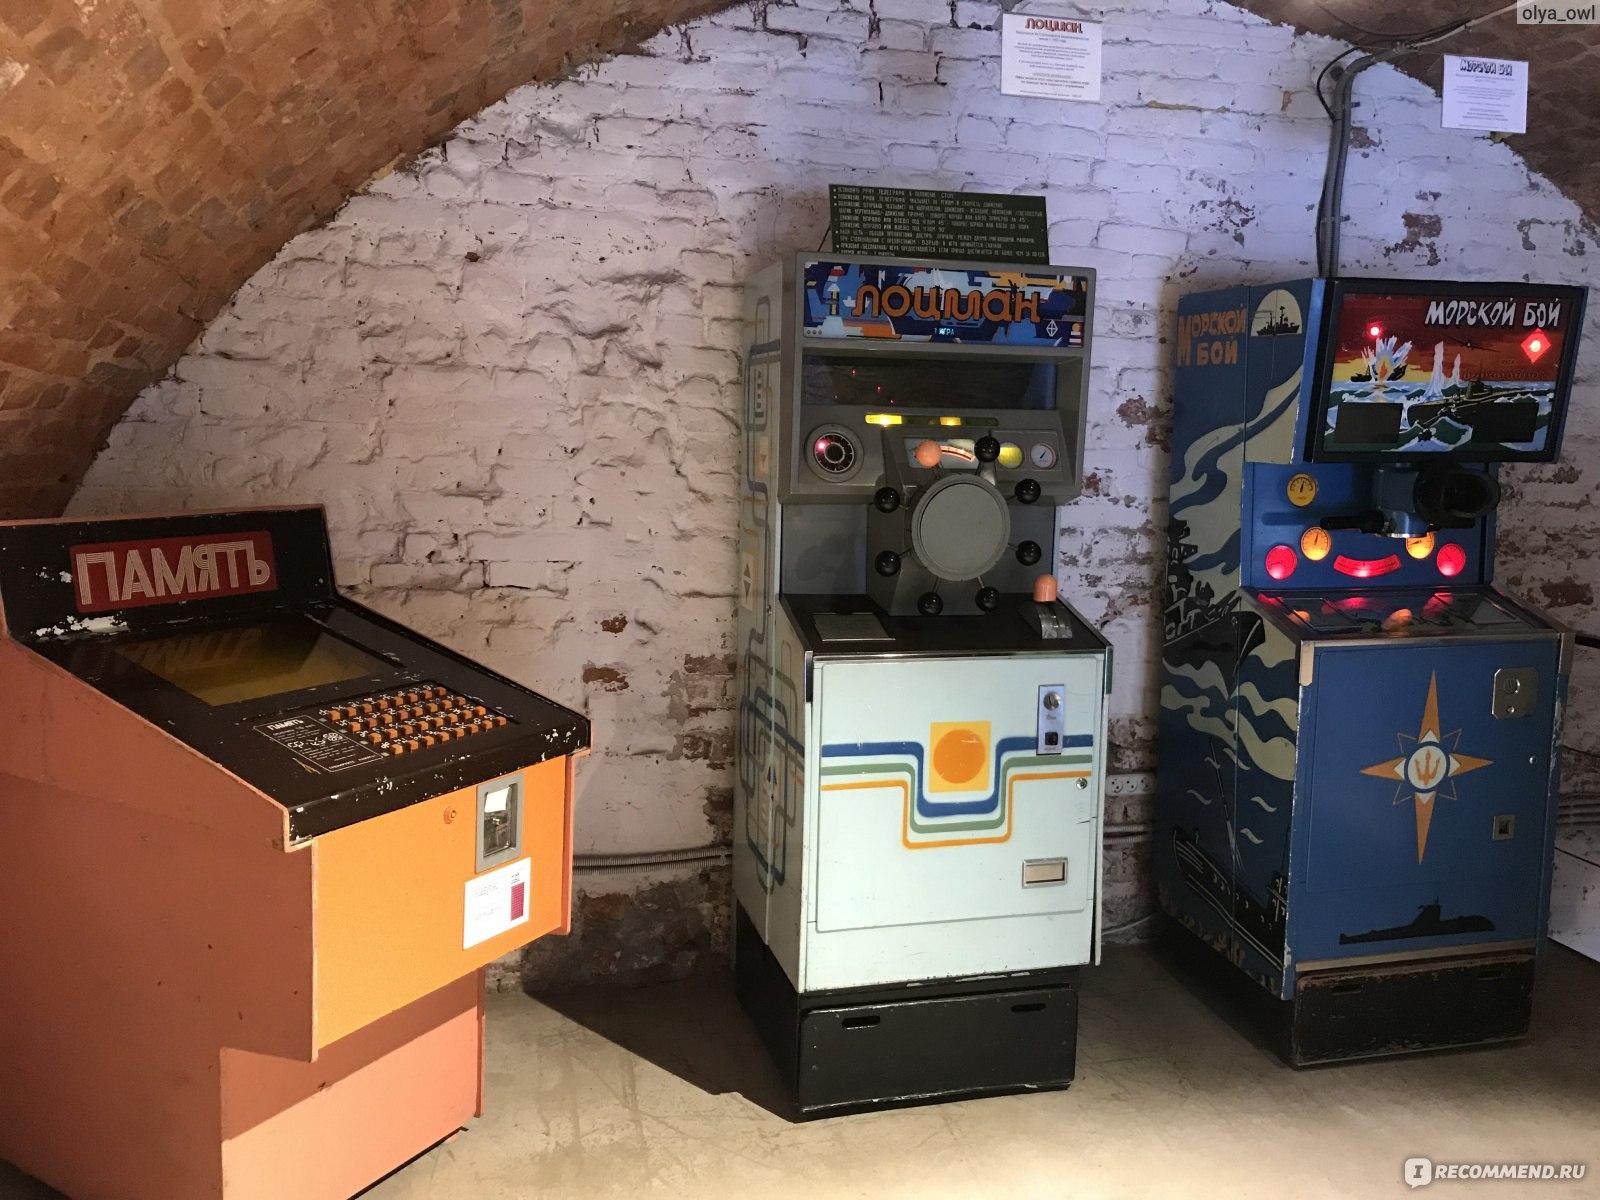 Советские игровые автоматы нижний новгород где поиграть игровые автоматы онлайн клуб вулкан казино